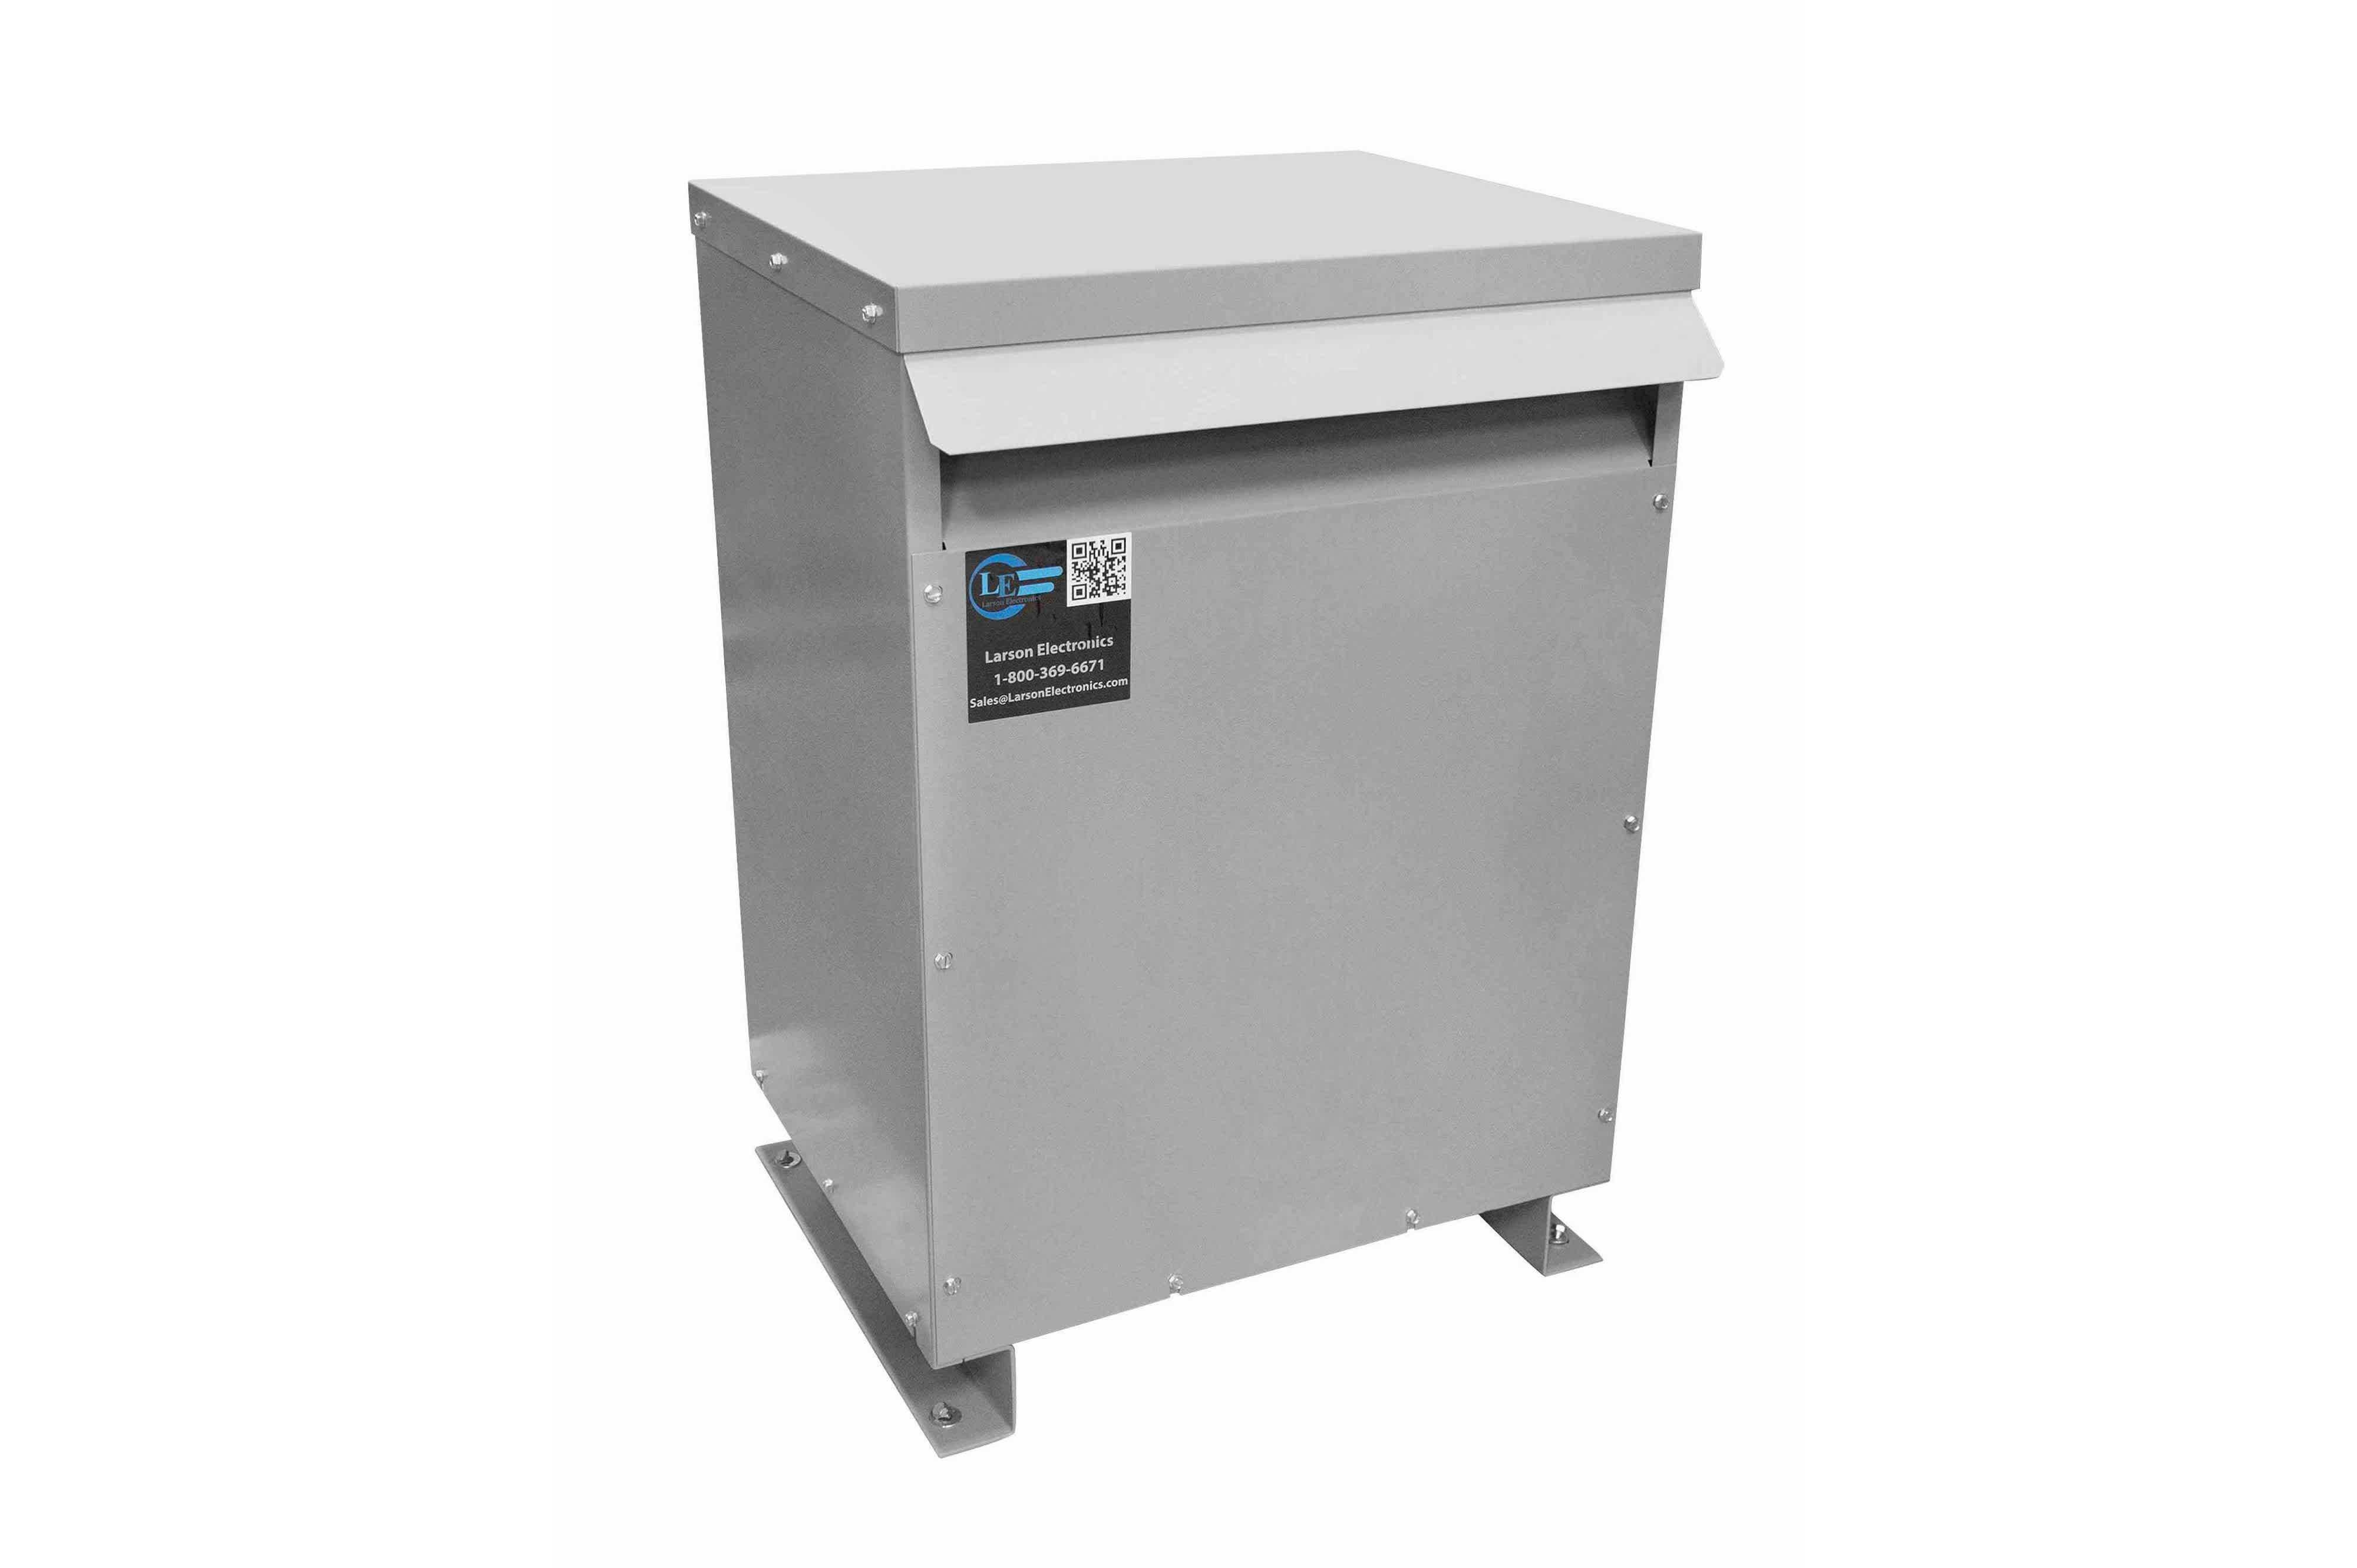 137.5 kVA 3PH Isolation Transformer, 220V Delta Primary, 480V Delta Secondary, N3R, Ventilated, 60 Hz